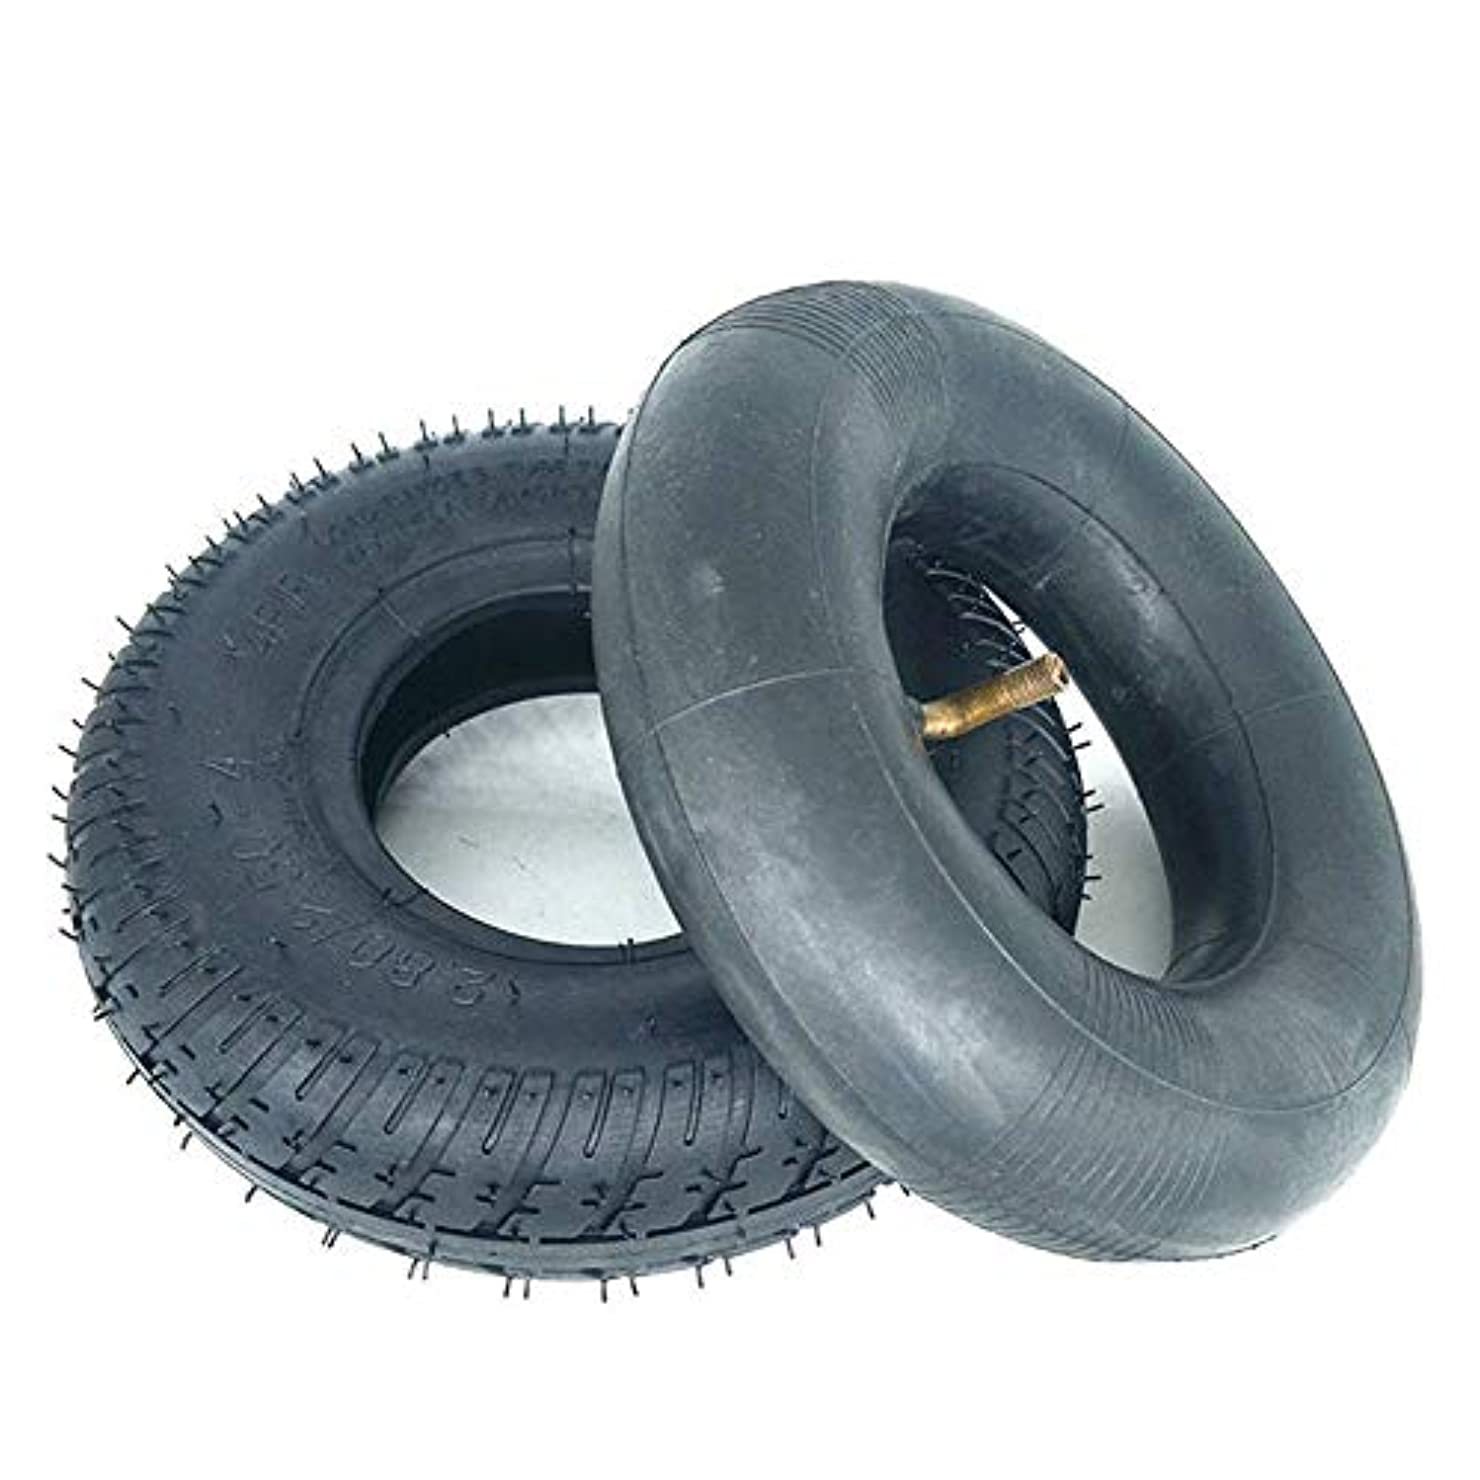 トリクル超越するロック電動スクータータイヤ、2.80-2.50-4インナータイヤおよびアウタータイヤ、高弾性ゴム、滑り止めおよび耐摩耗性、シニアスクータータイヤアクセサリー